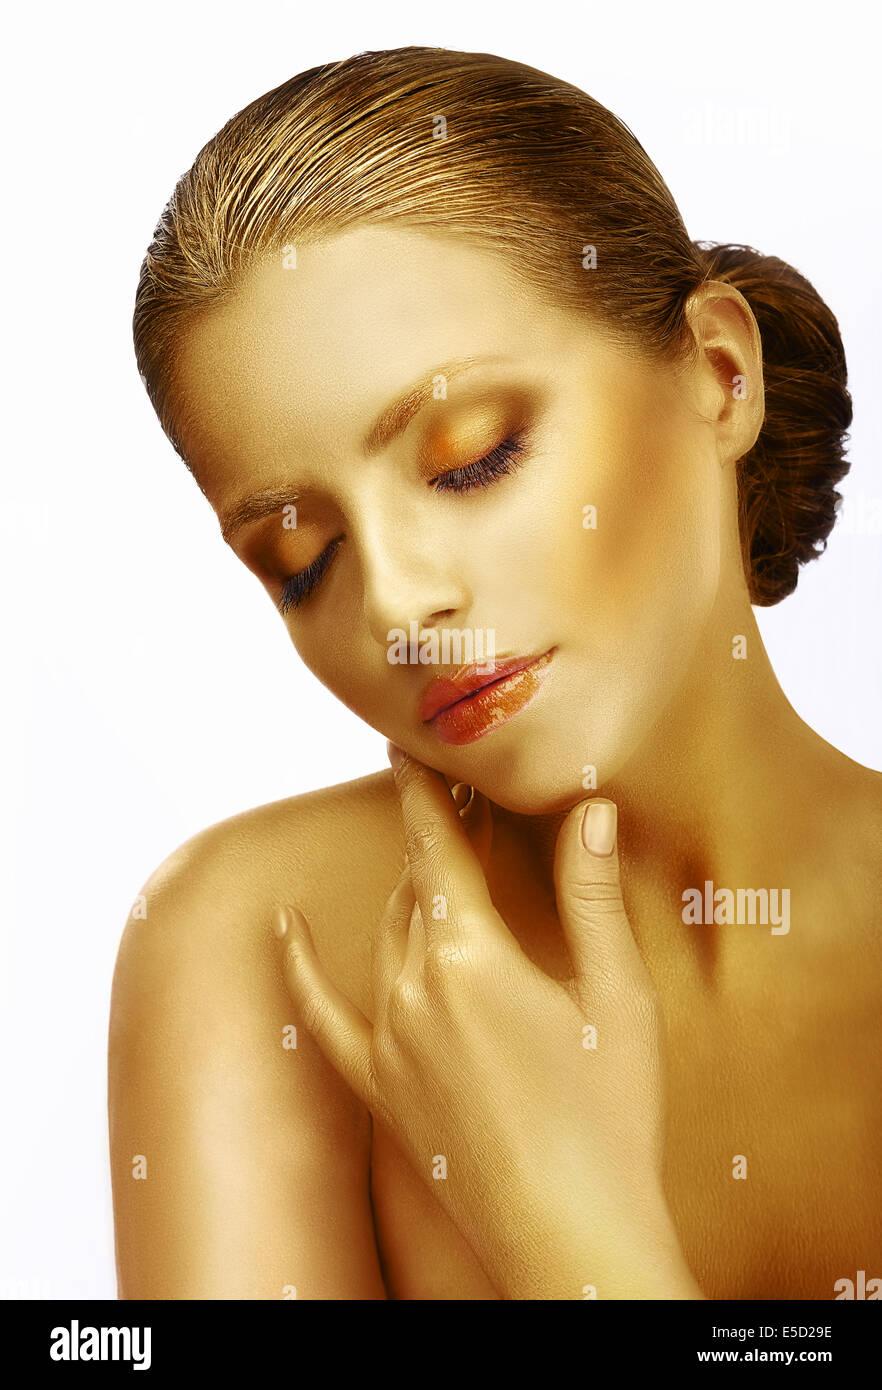 La tendresse. Femme sophistiquée de rêve aux yeux clos dans Reverie Photo Stock